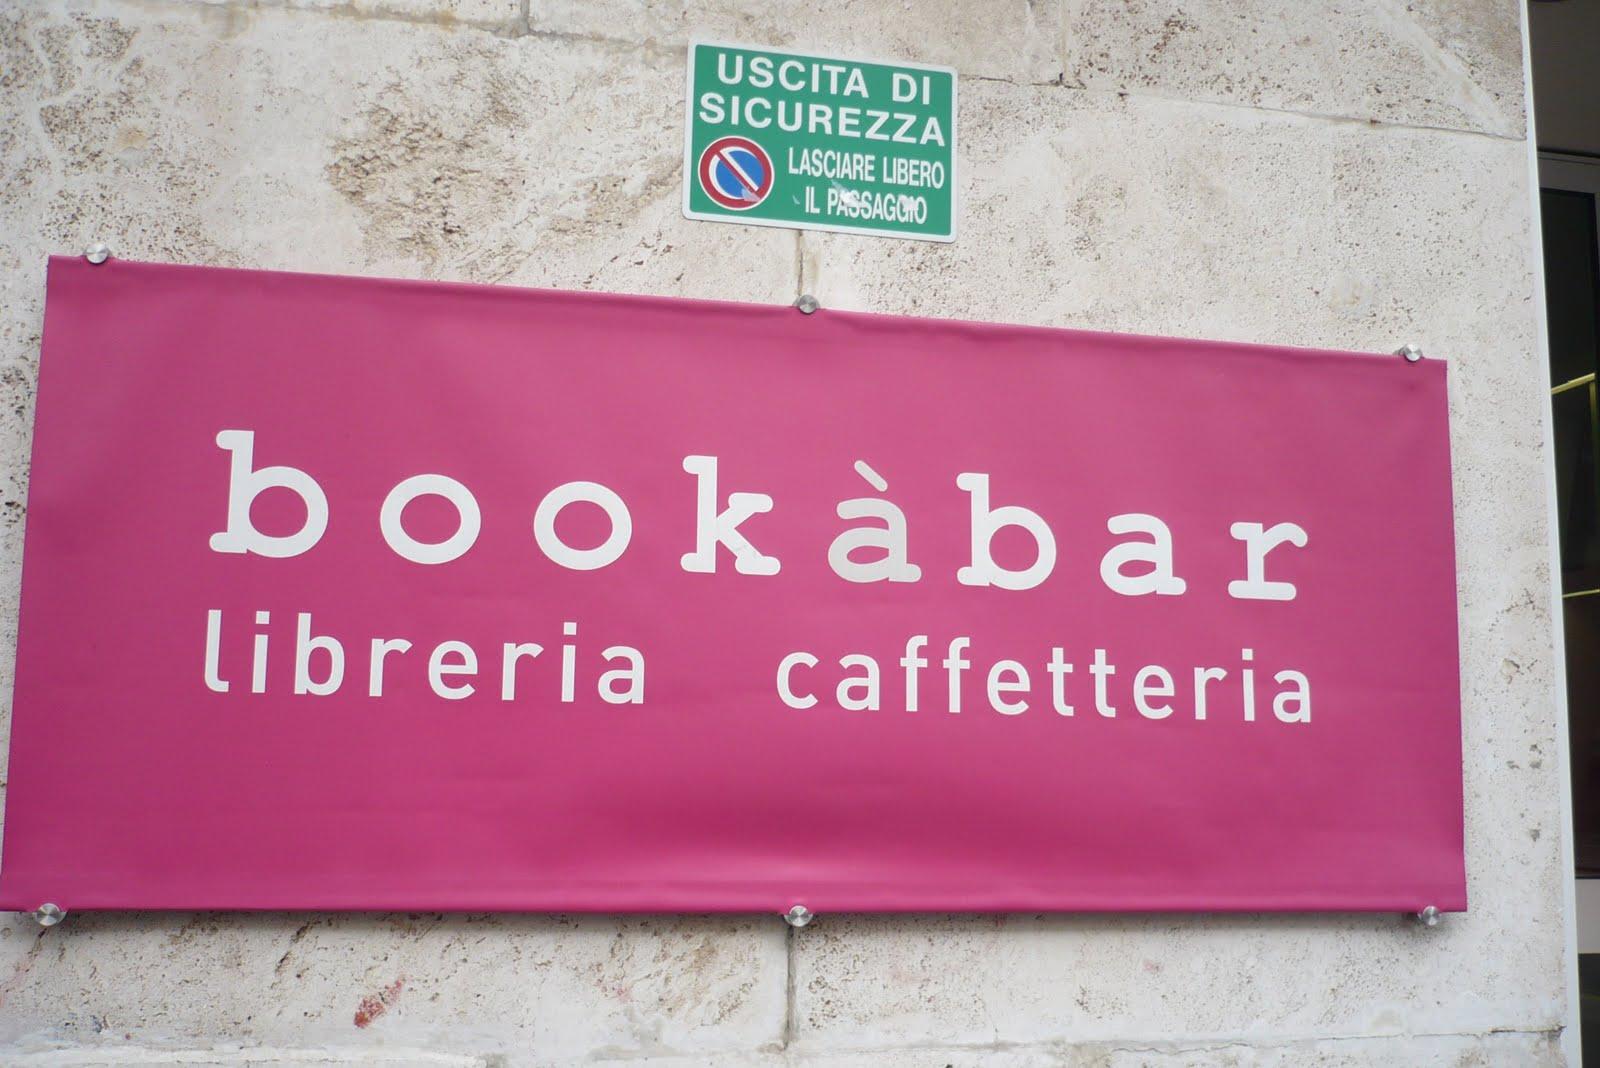 Bookabar Roma